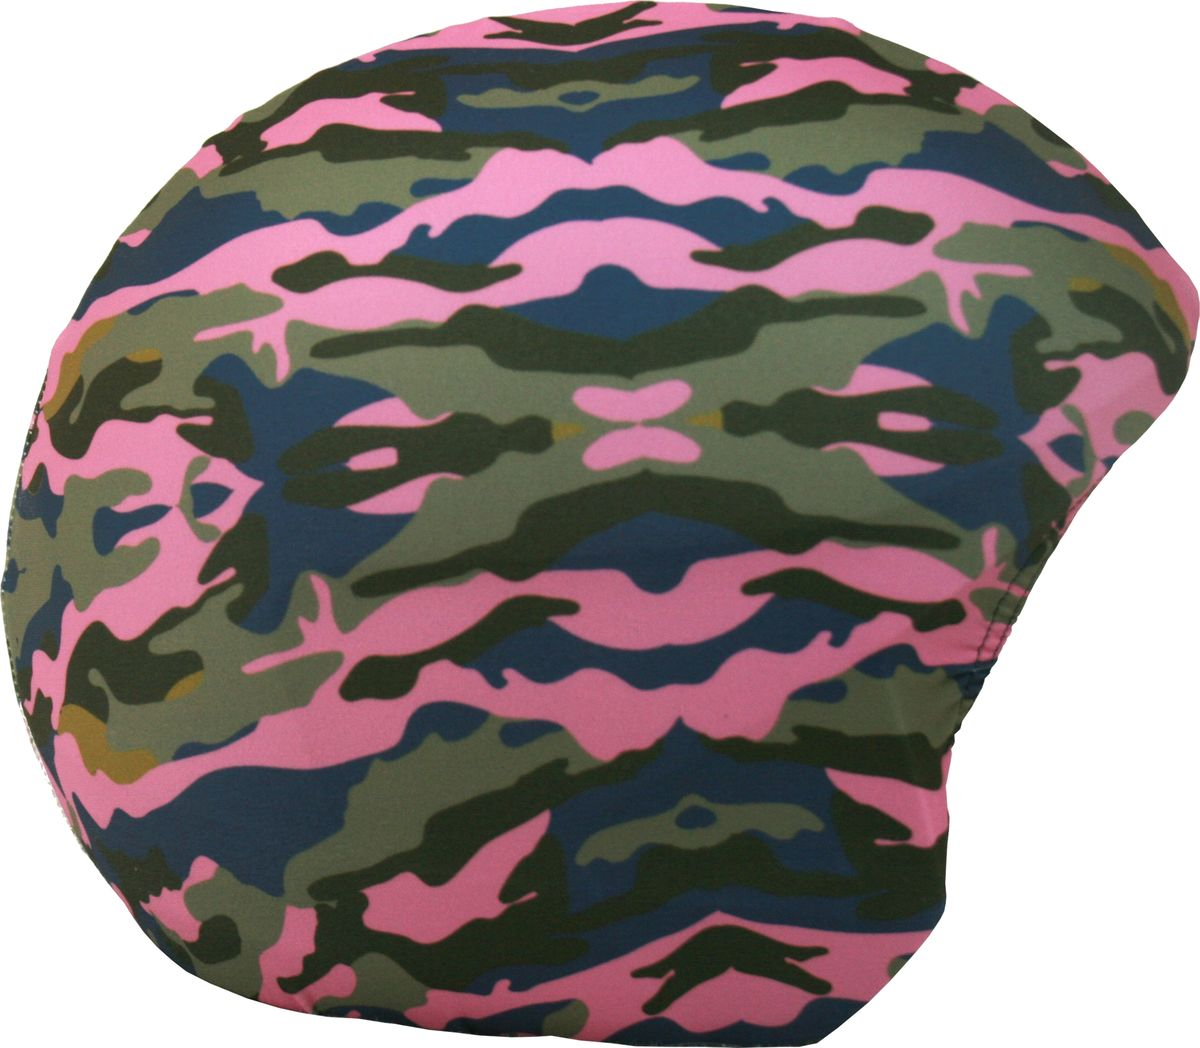 Нашлемник CoolCasc  Camouflage. Камуфляж , цвет: коричневый, черный, серый - Аксессуары и защита